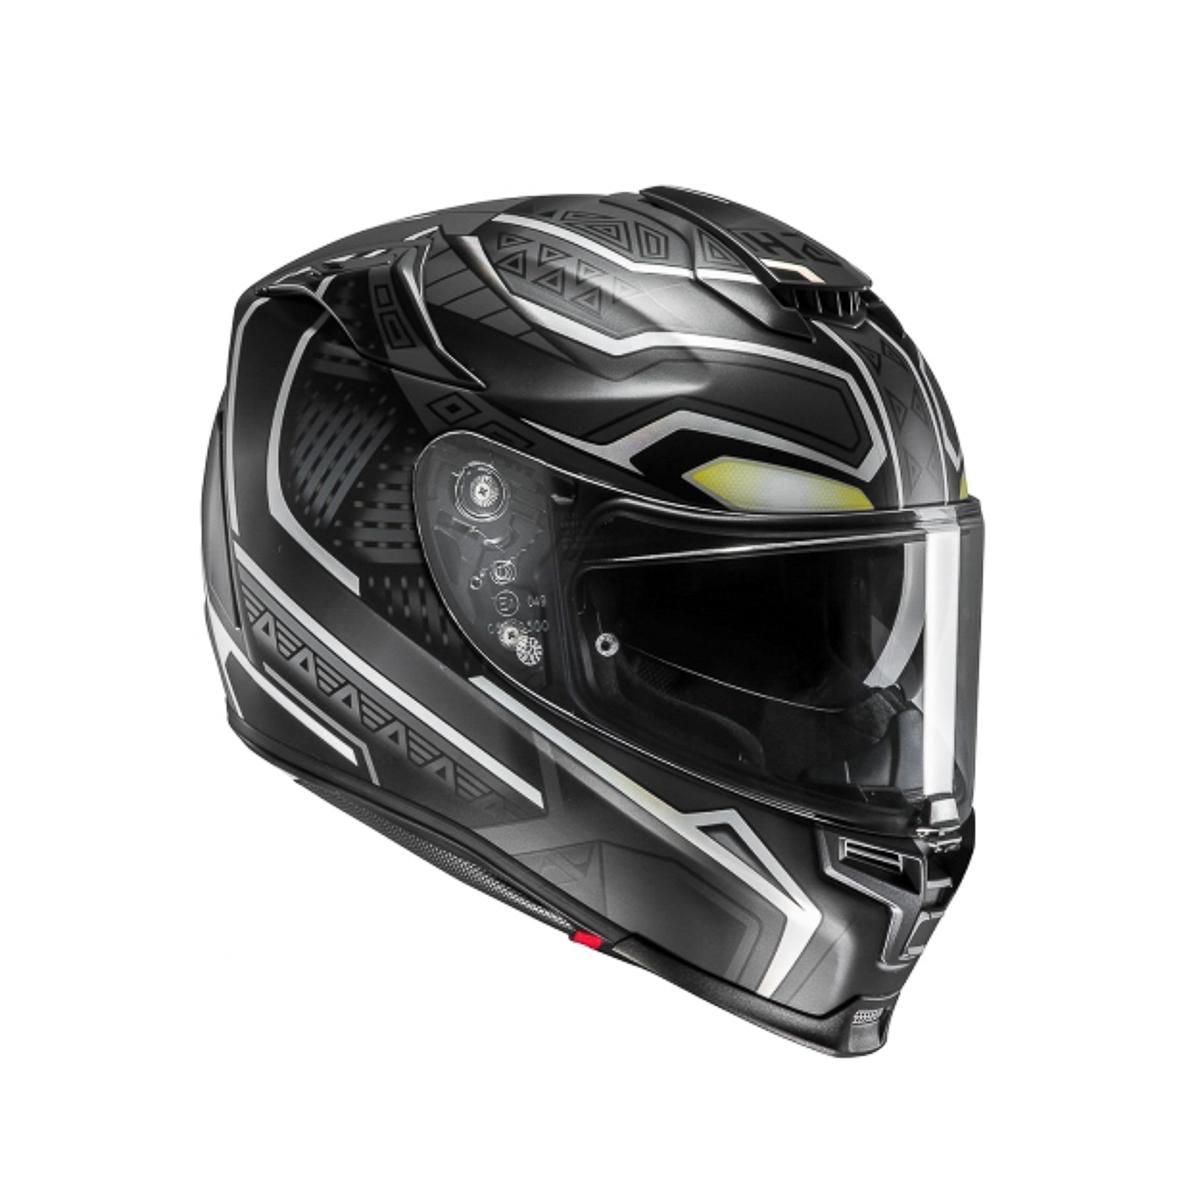 hjc introduces latest rpha 70 black panther helmet. Black Bedroom Furniture Sets. Home Design Ideas